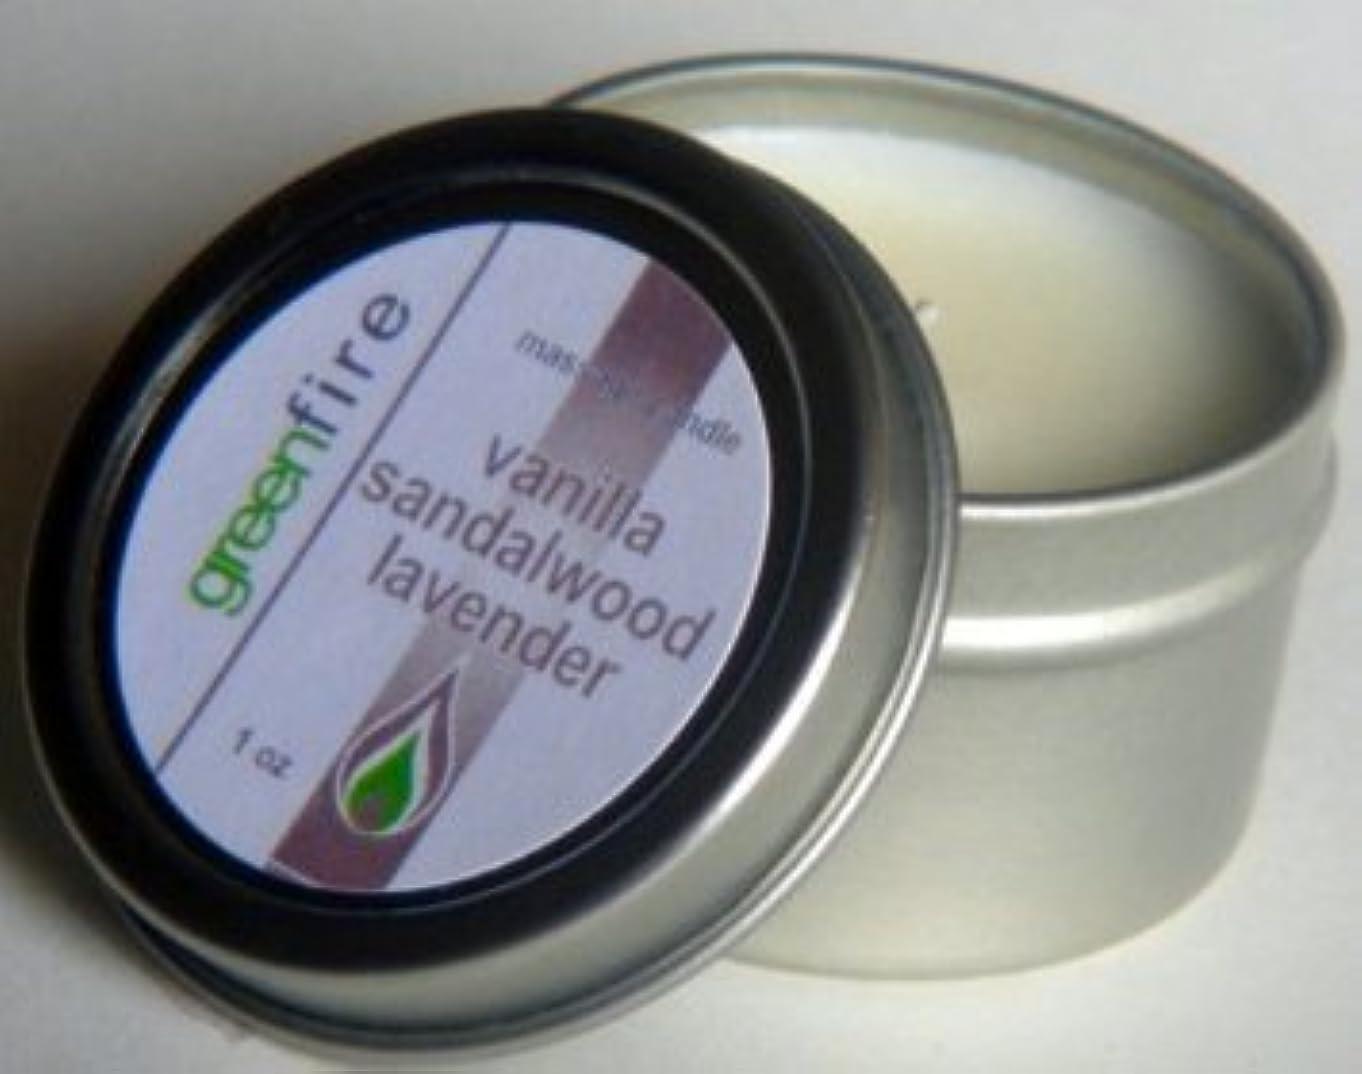 比喩表現クッショングリーンファイヤーマッサージキャンドル ラベンダー?サンダルウッド?バニラの香り(サイズ:29.6mL)